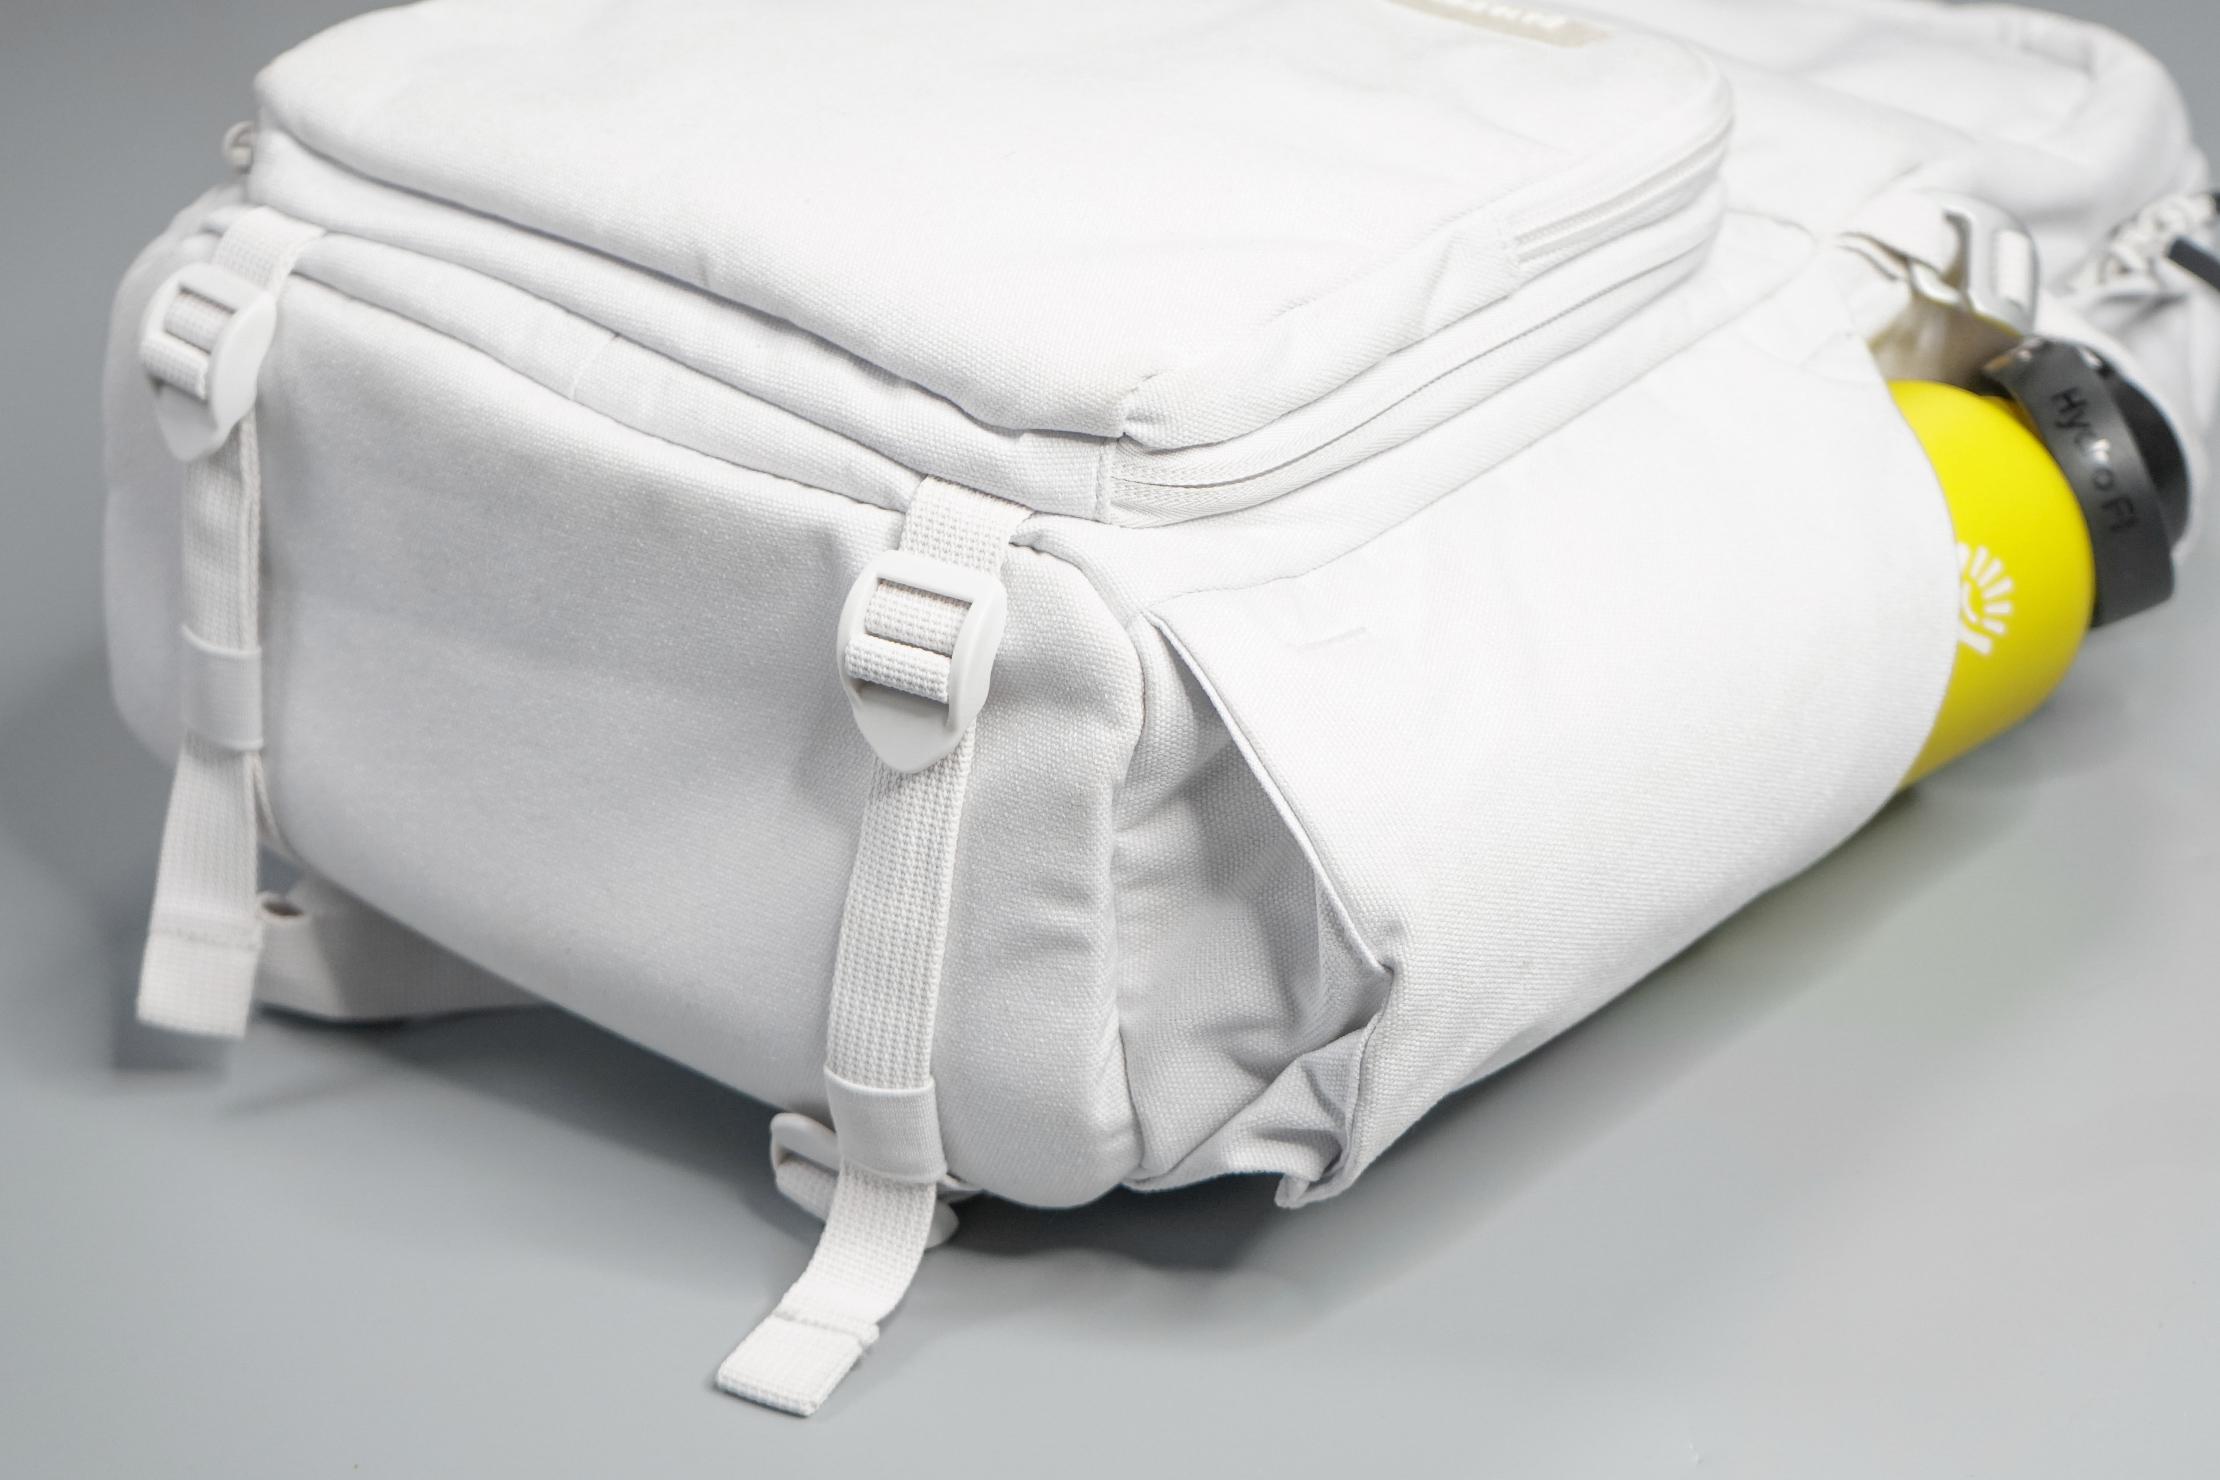 Brevitē Jumper Photo Backpack Compression Straps